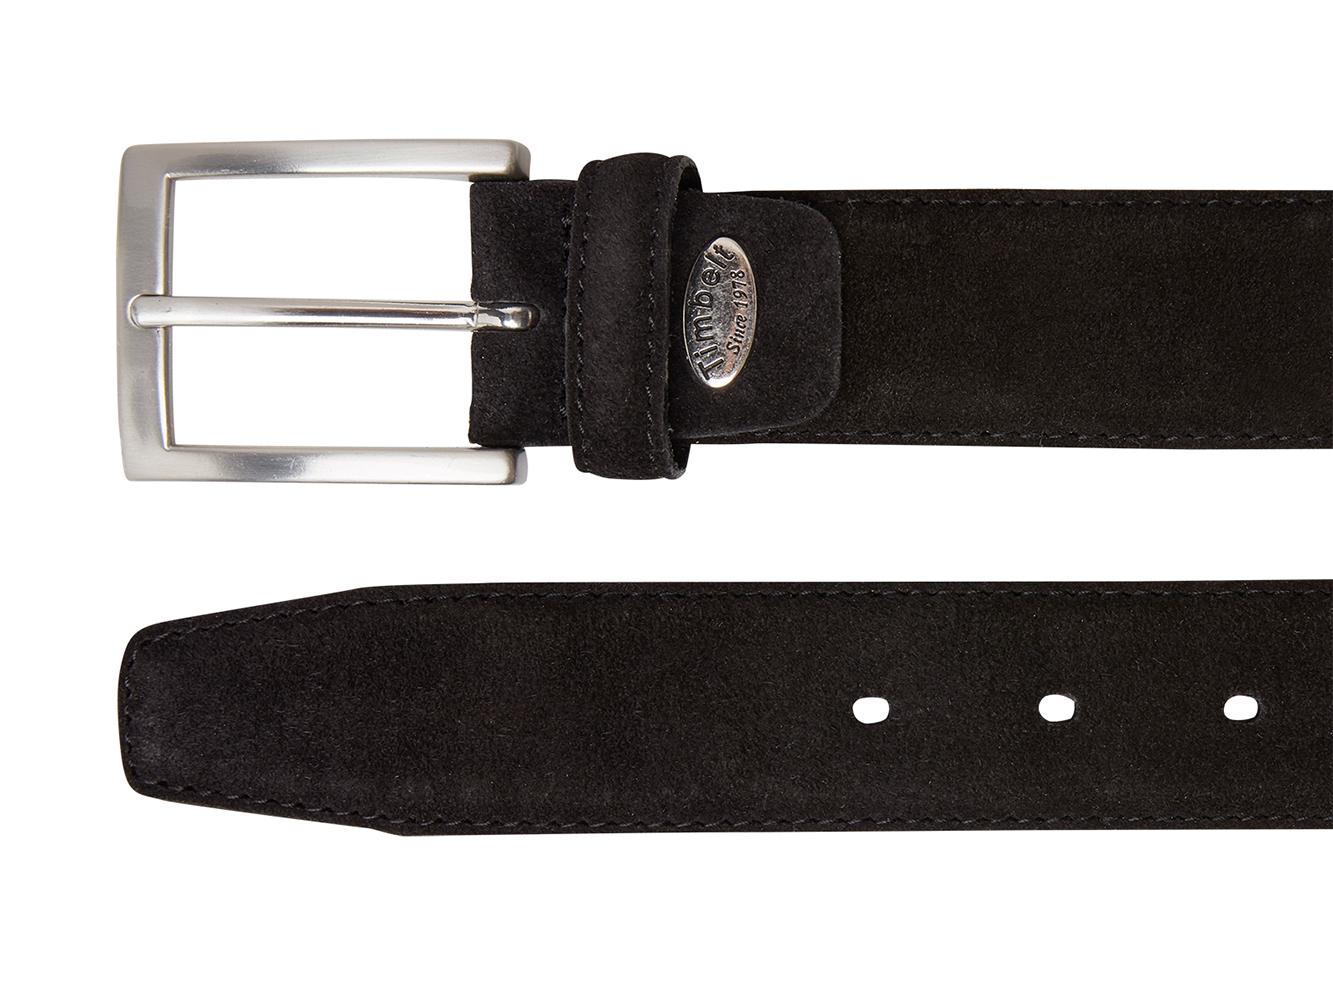 Timbelt 508 Heren Suède Leren Pantalon Riem 105/3,5 cm Zwart